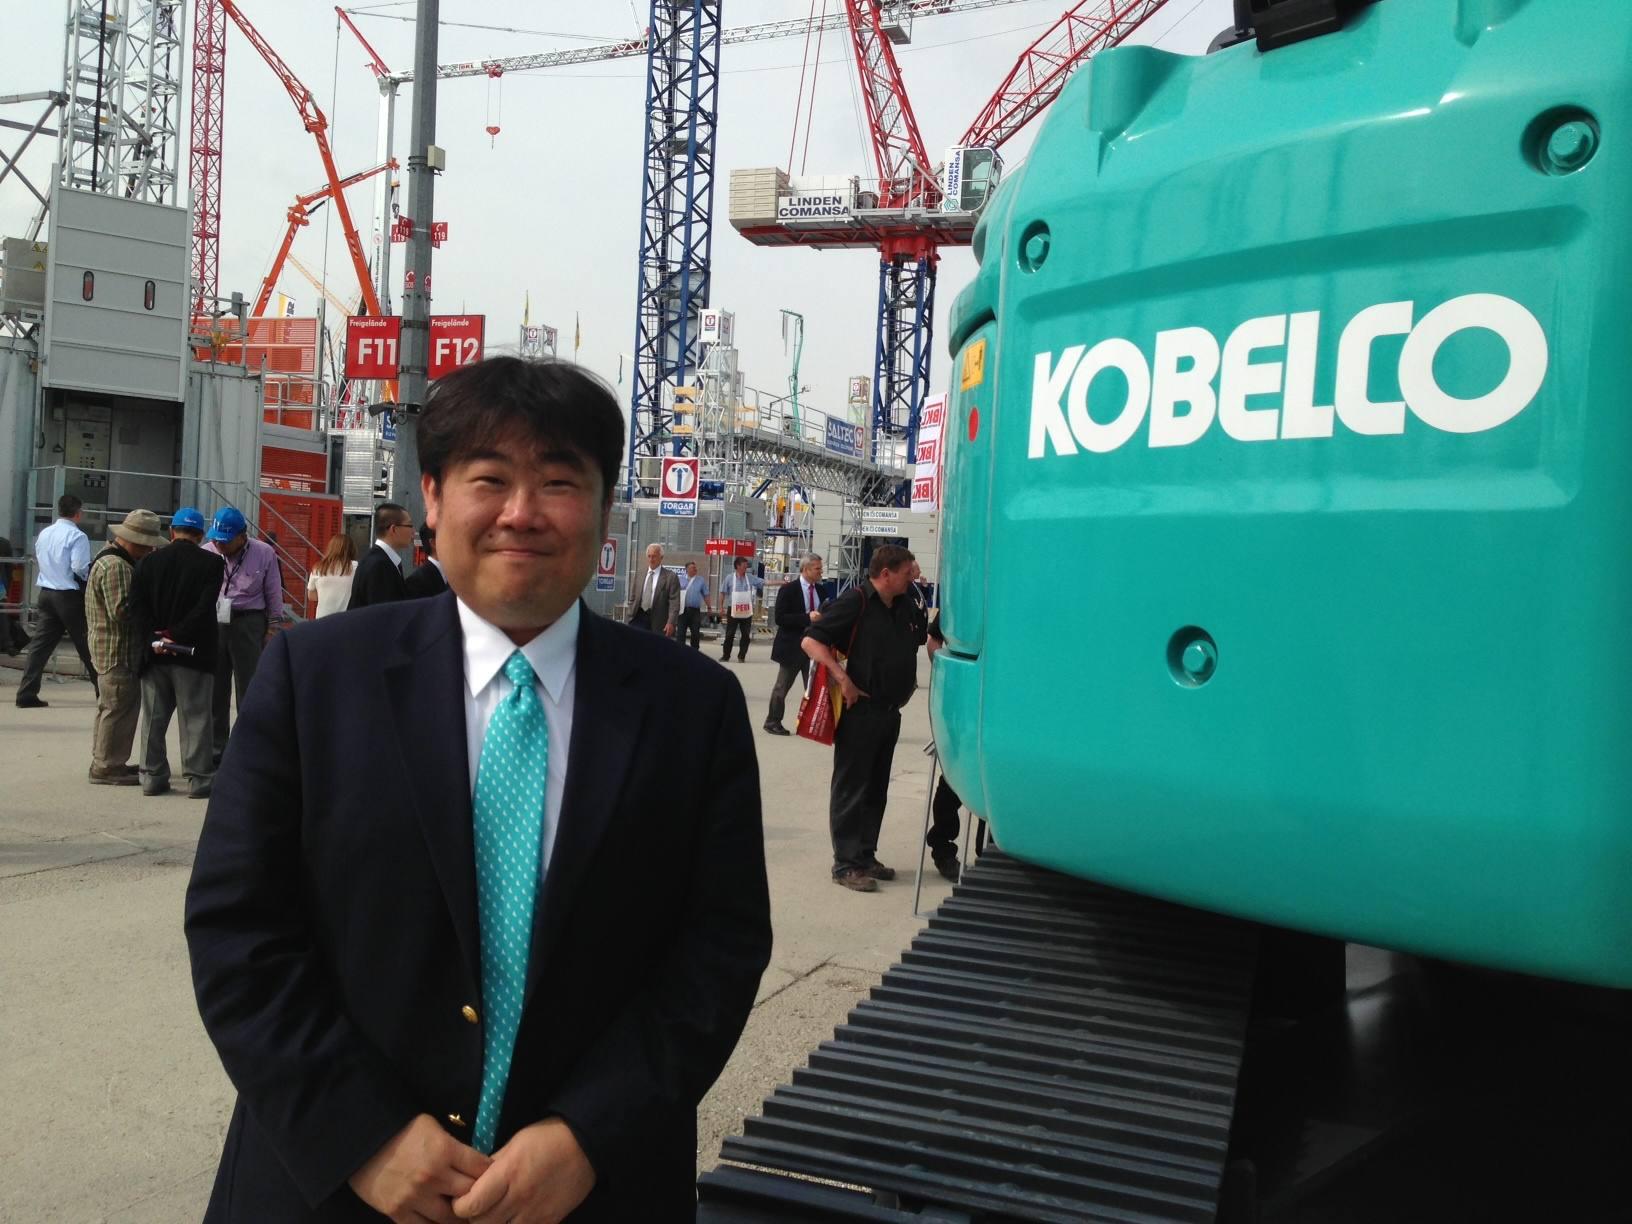 Kobelco CEO: company